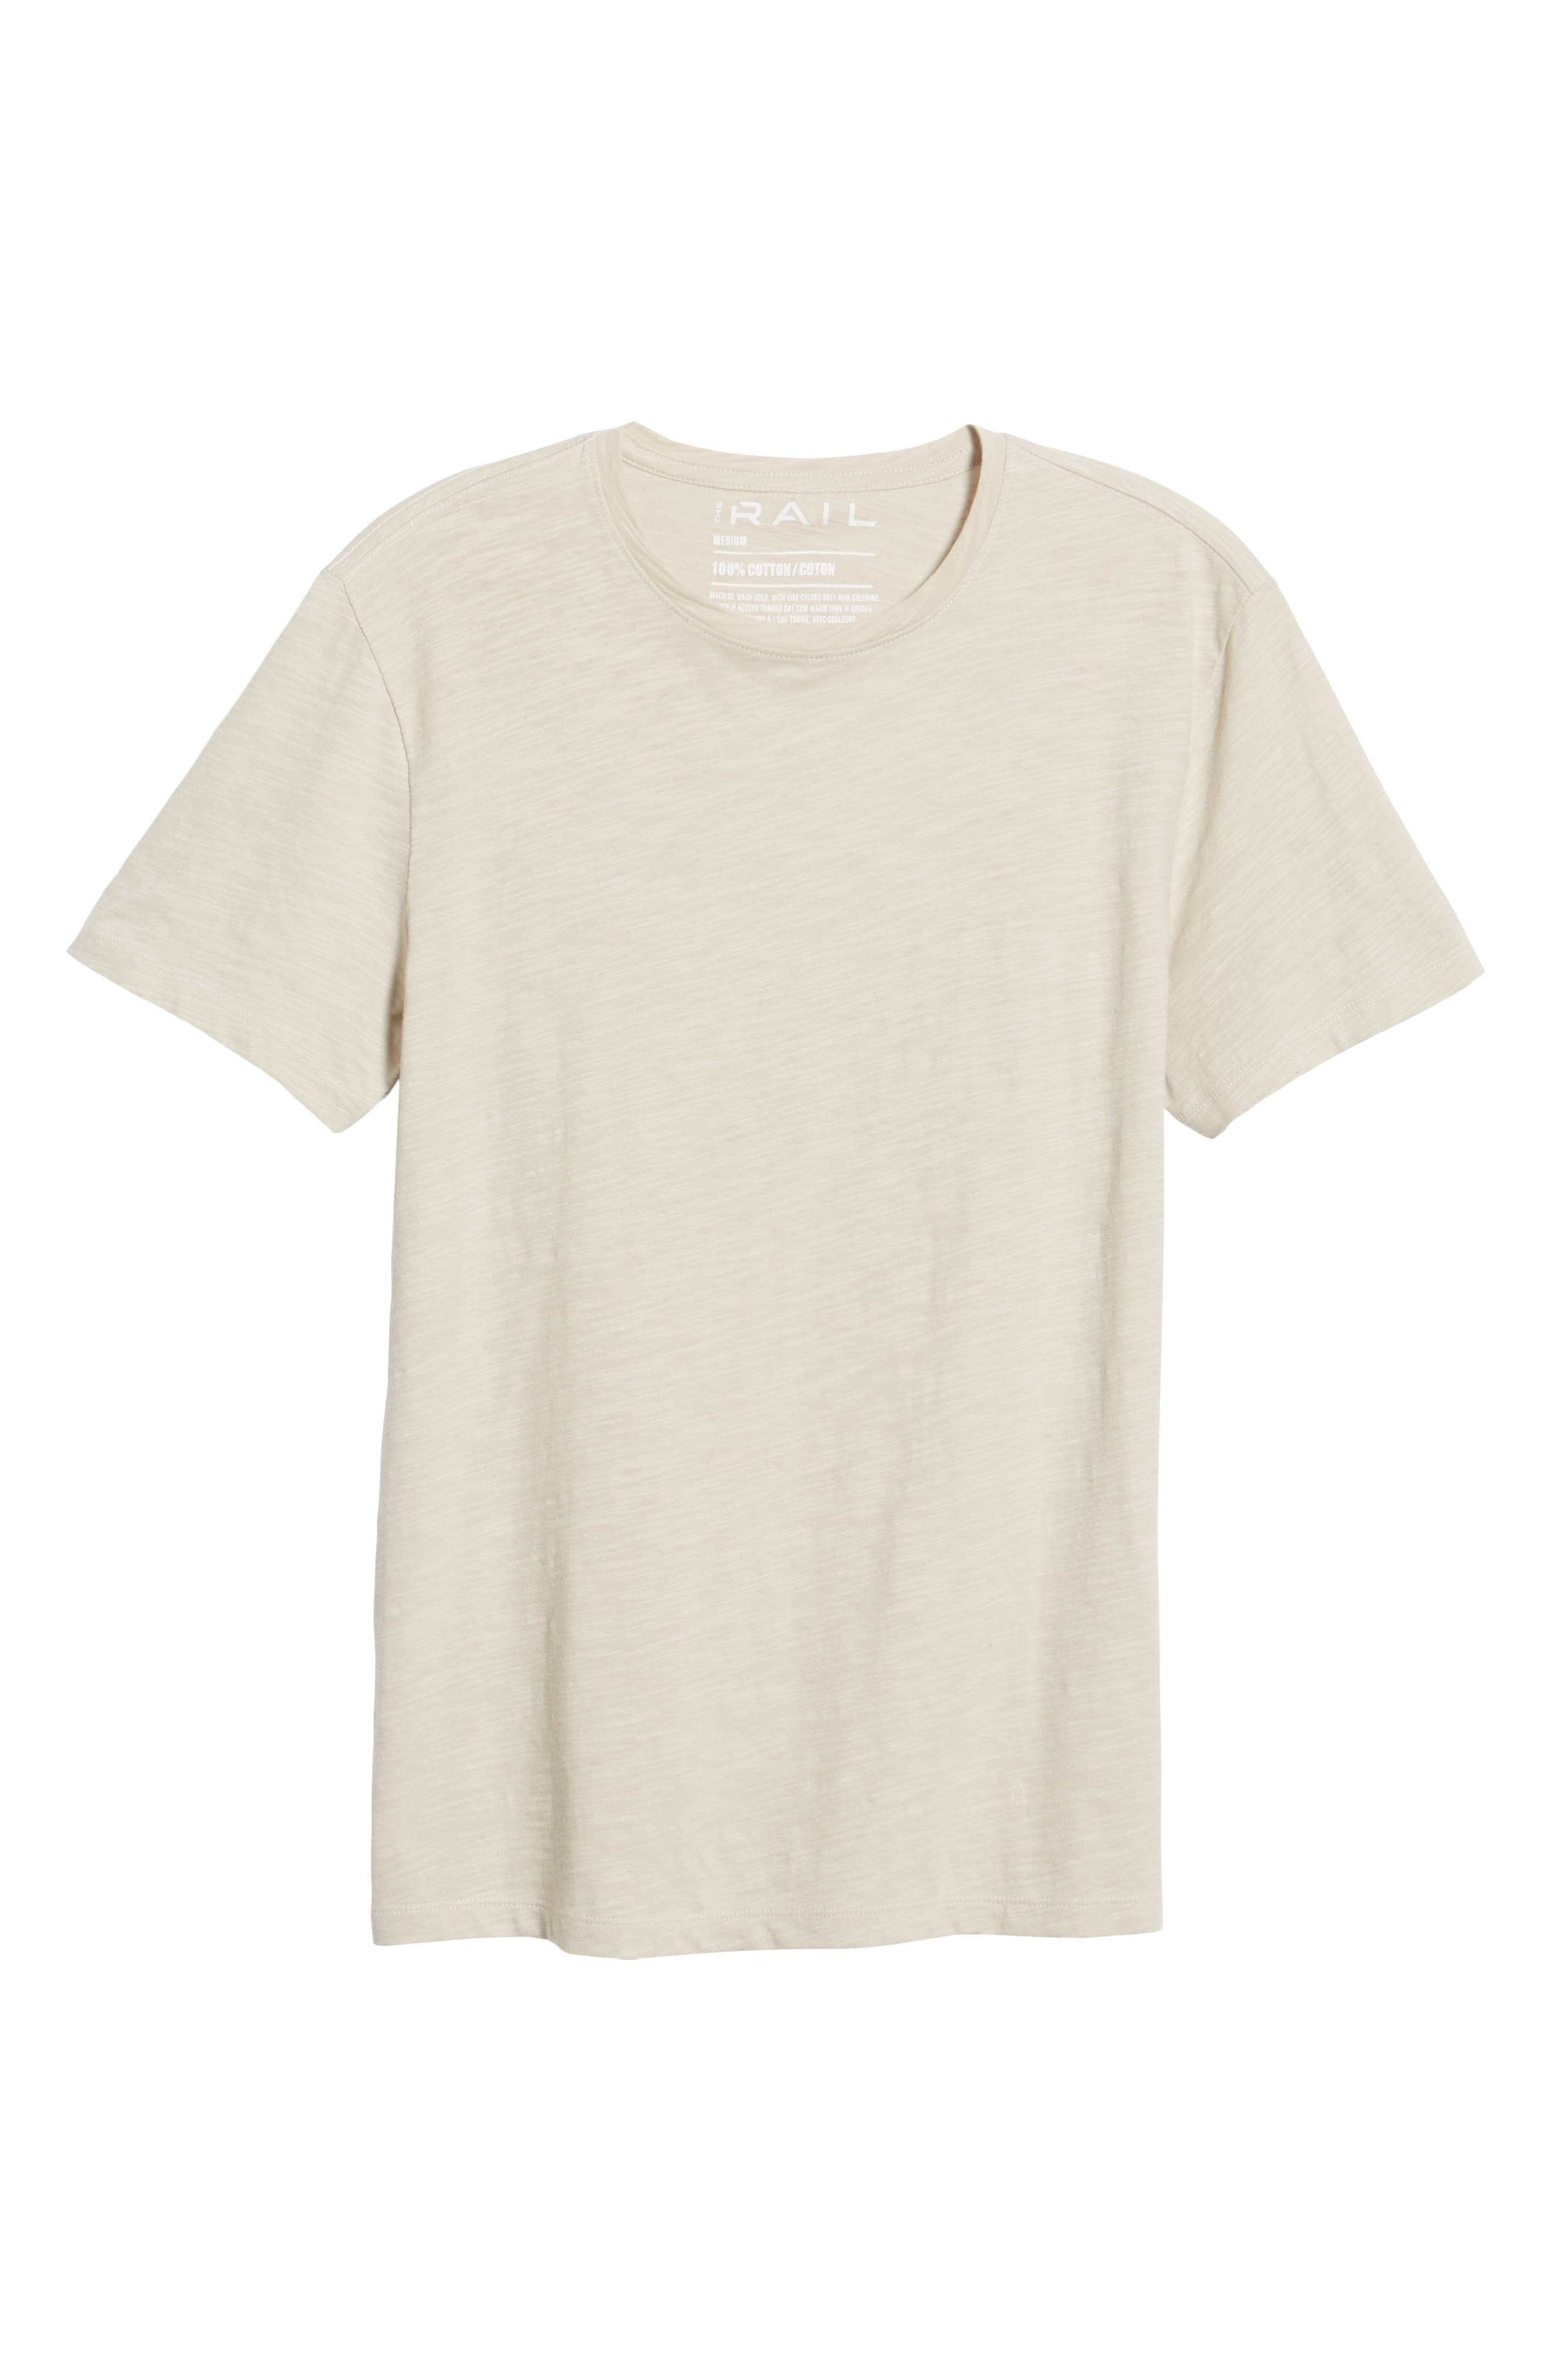 THE RAIL,                             Slub Knit T-Shirt,                             Alternate thumbnail 6, color,                             050